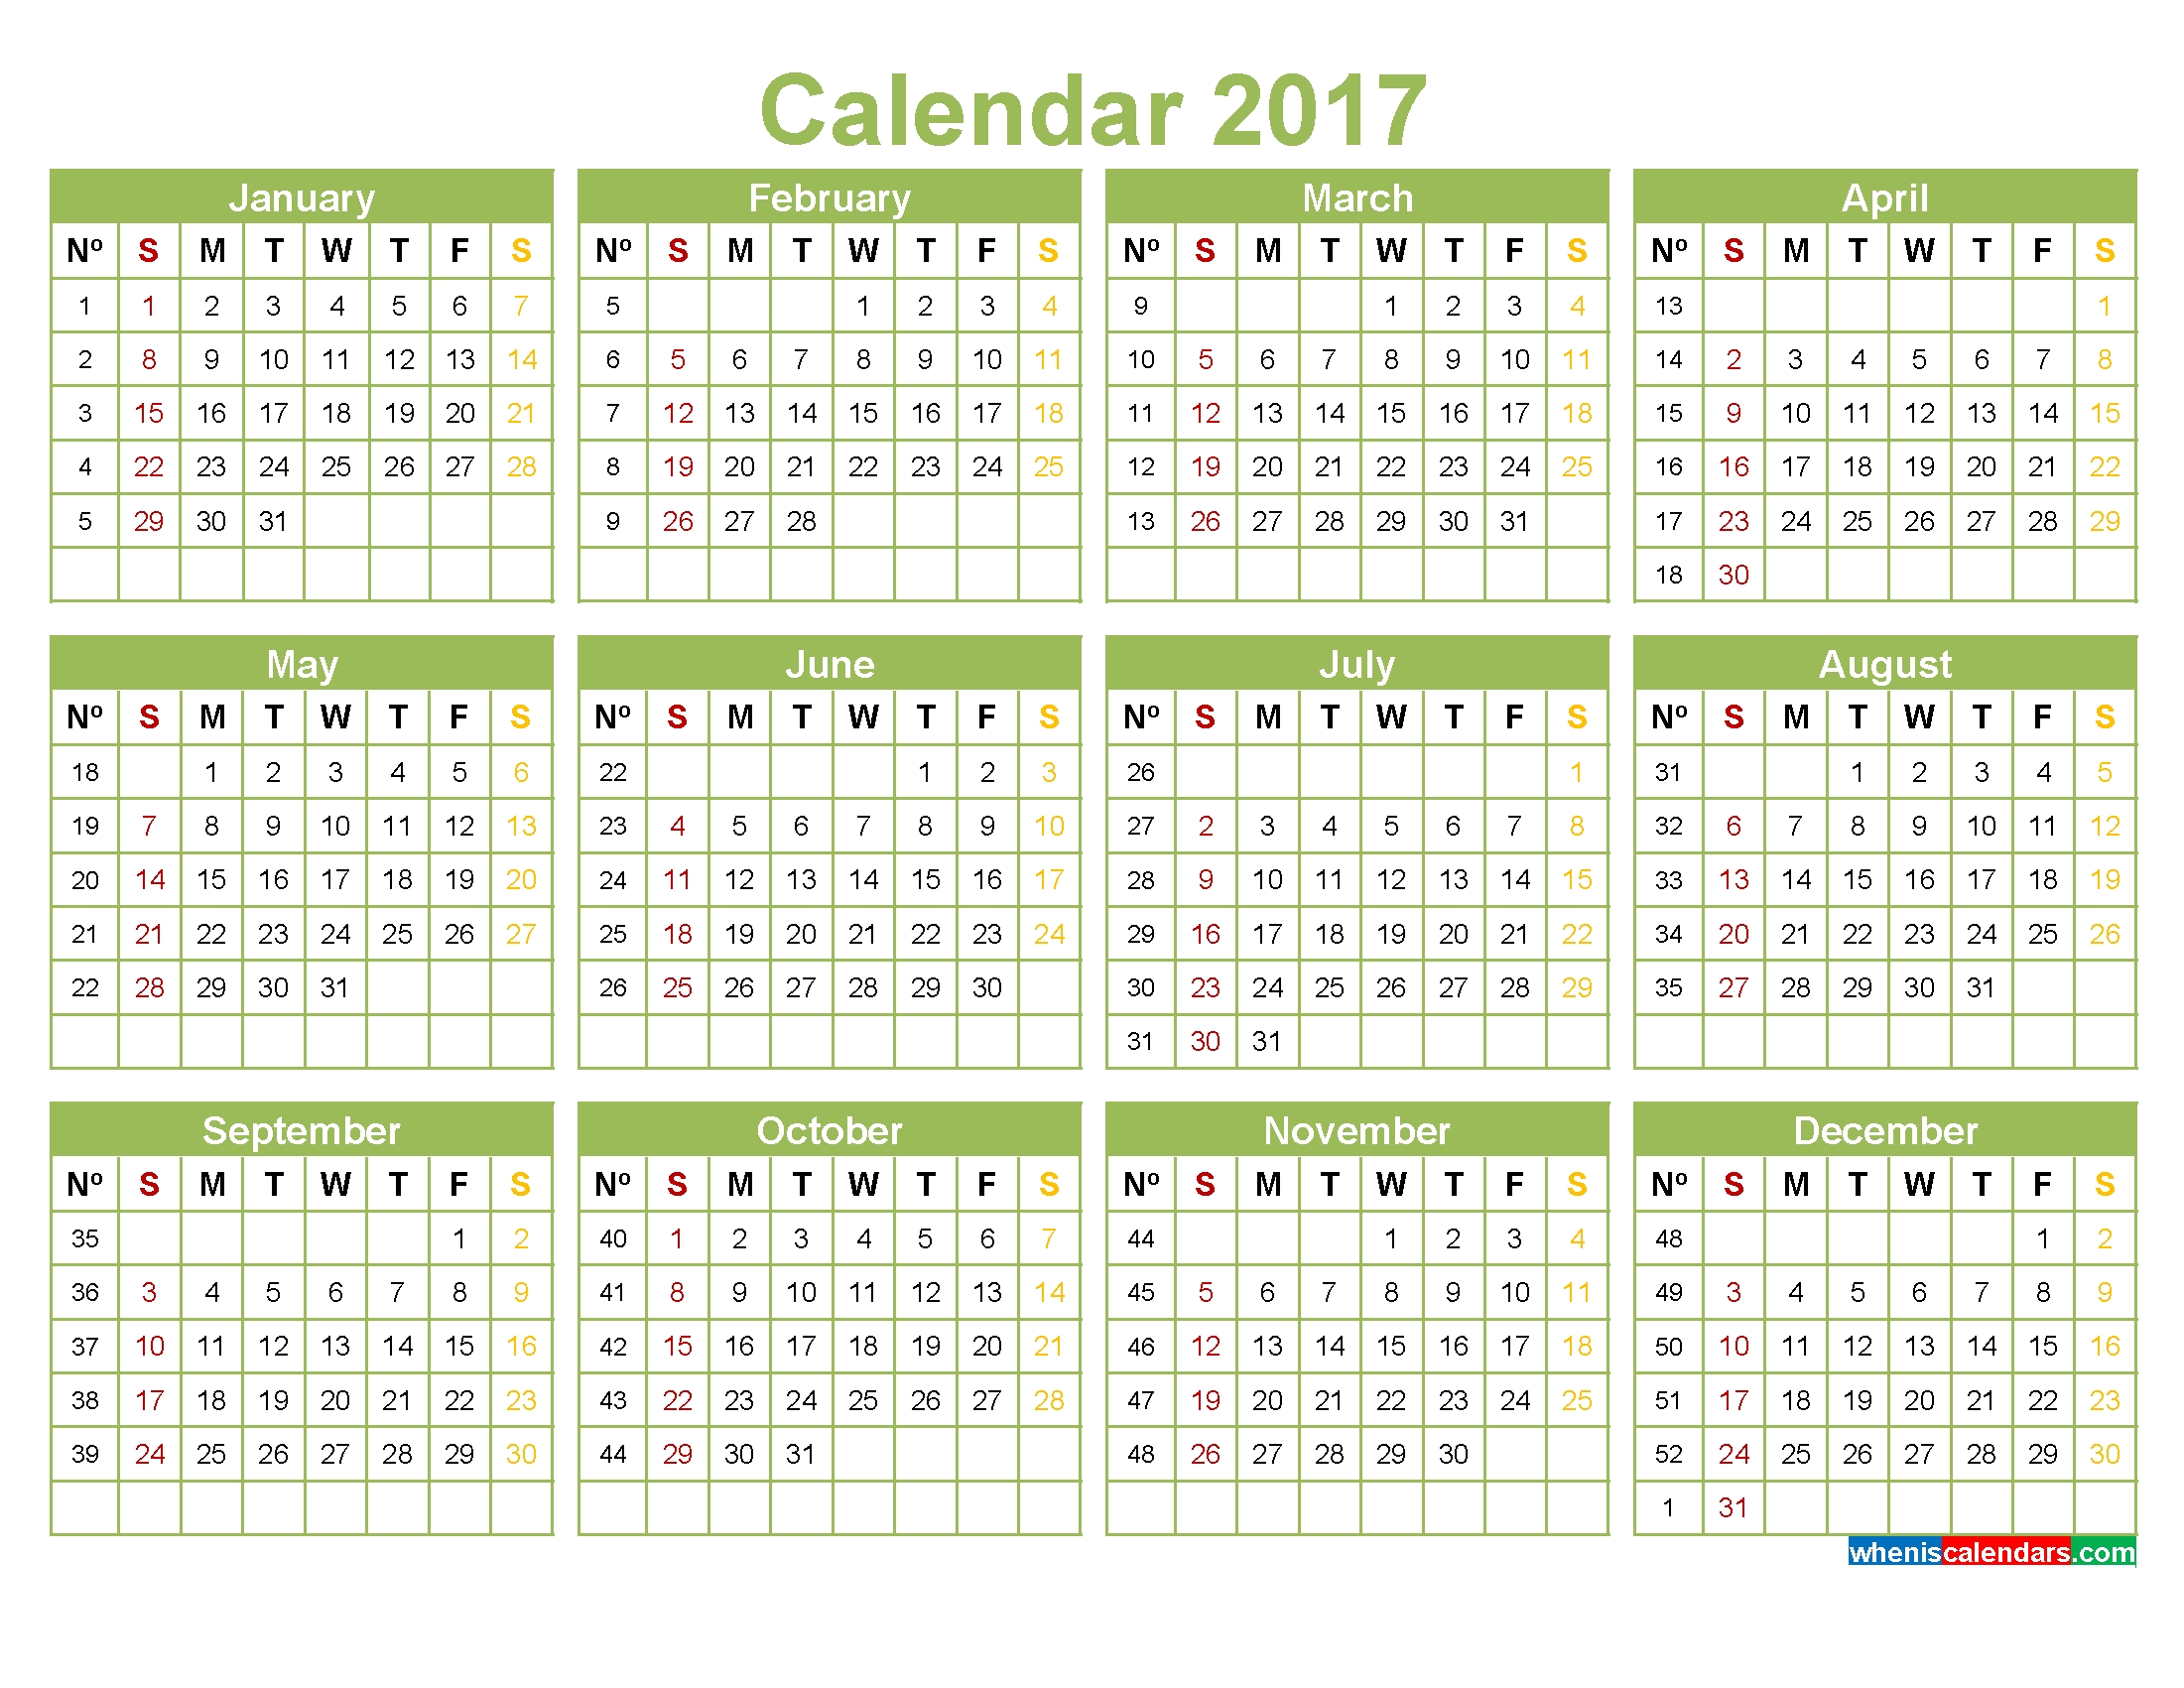 Printable 2017 Calendar With Week Numbers Pdf, Image, Word  Calendar By Week With Printable